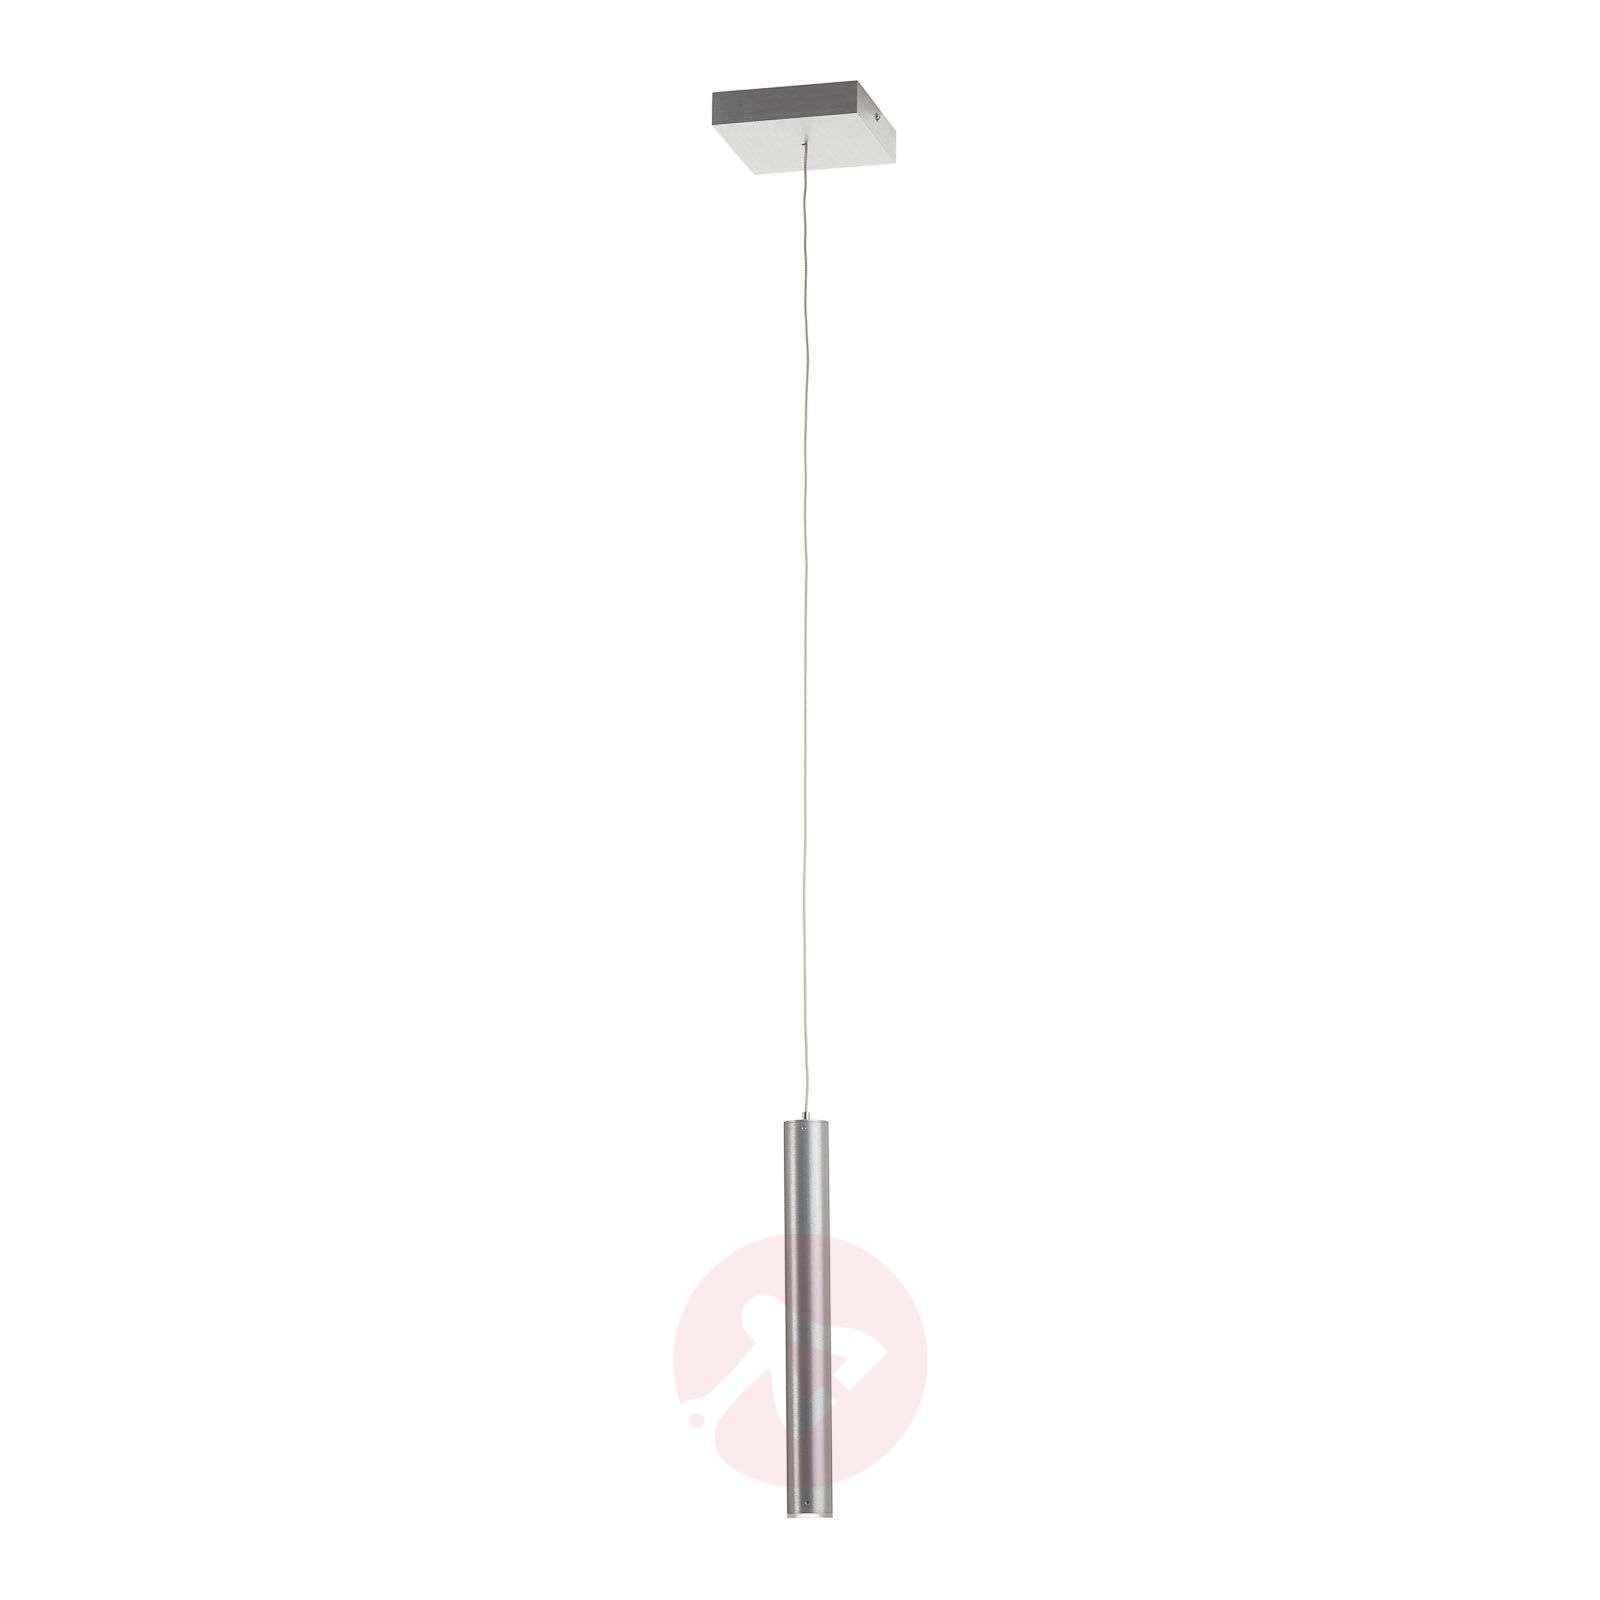 Korkeussäädettävä LED-riippuvalaisin Plus-1556137-01